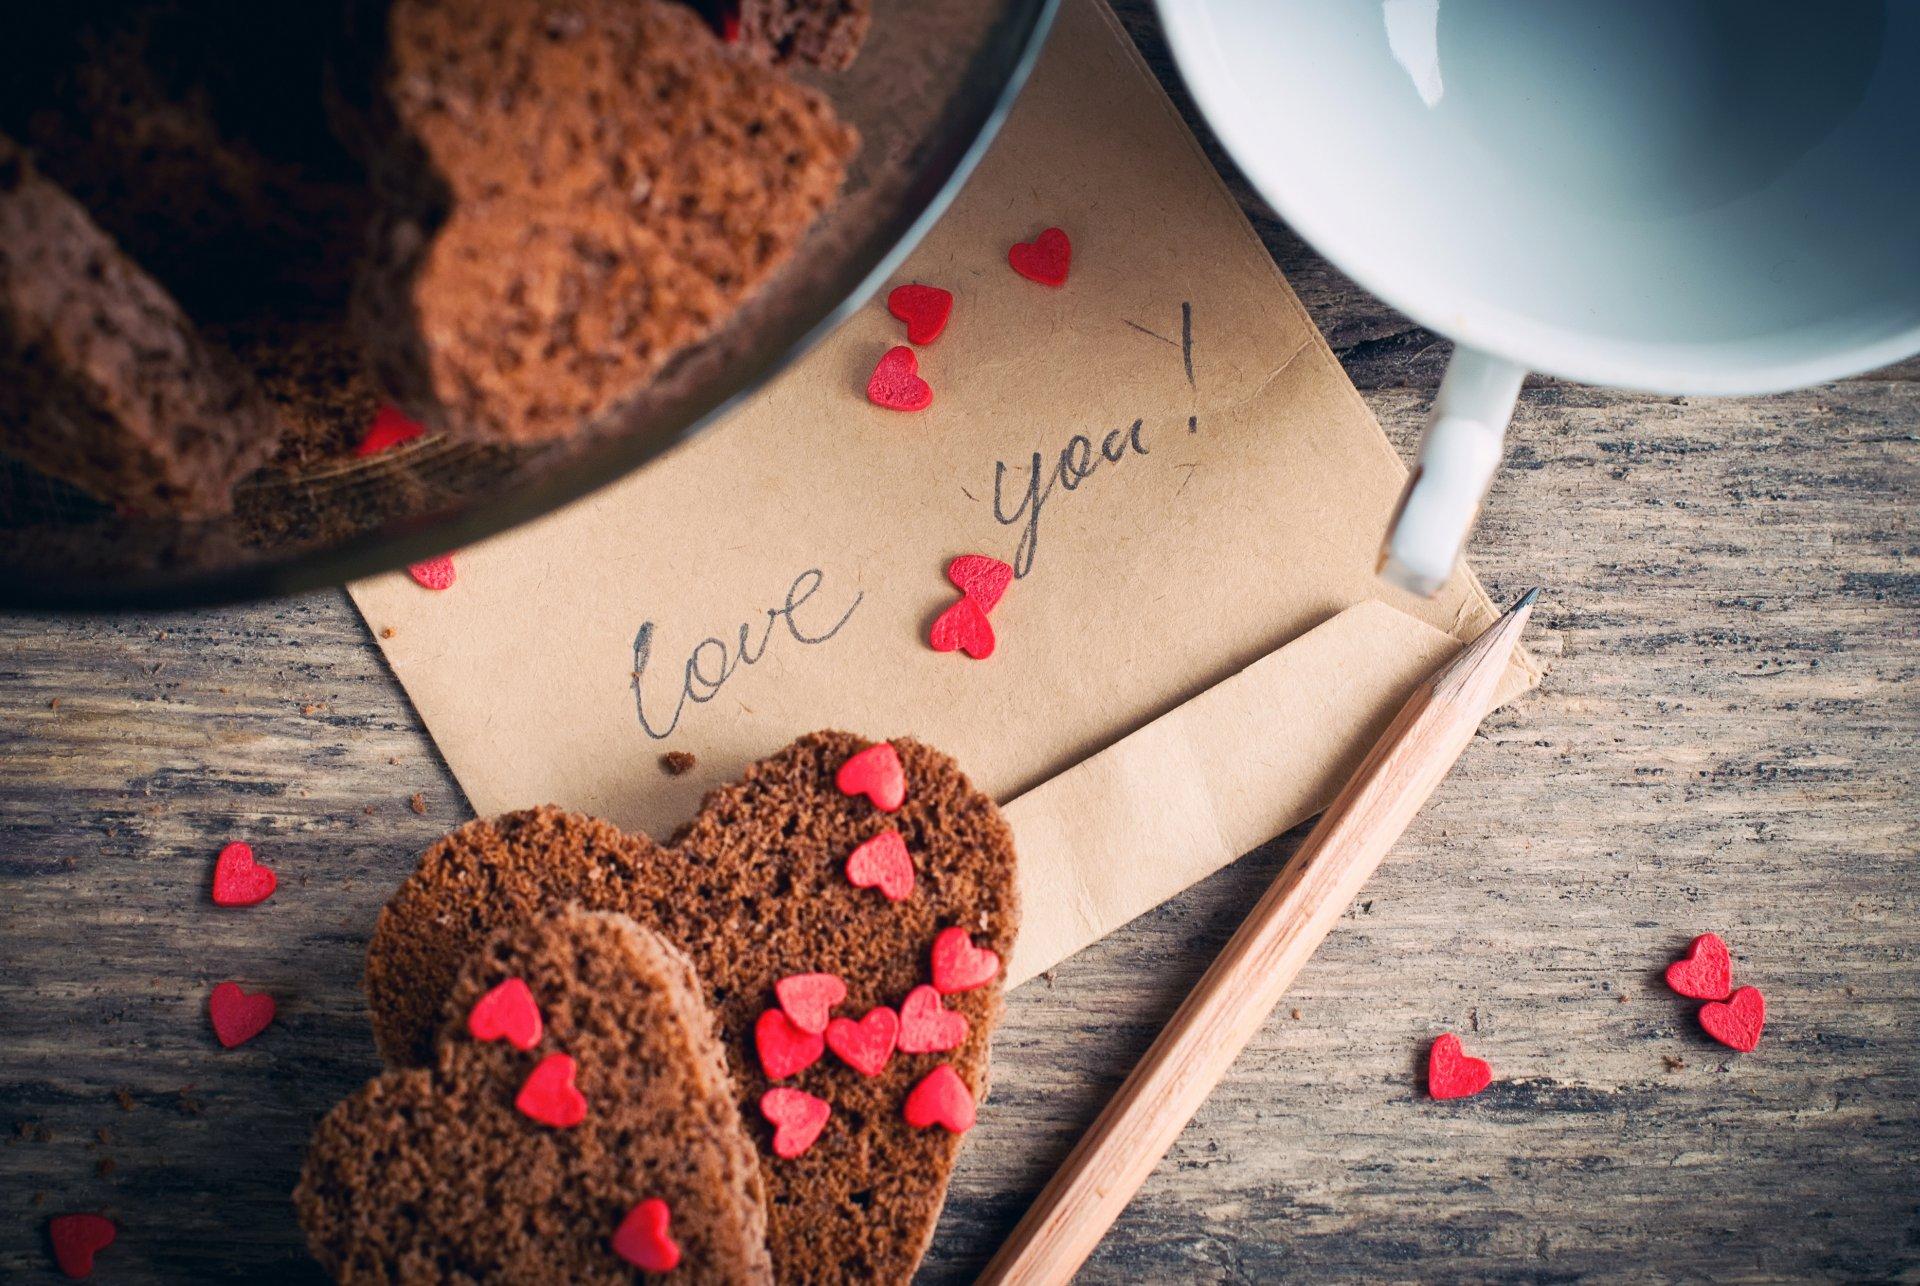 Проекта открытка, картинки романтичные на телефон